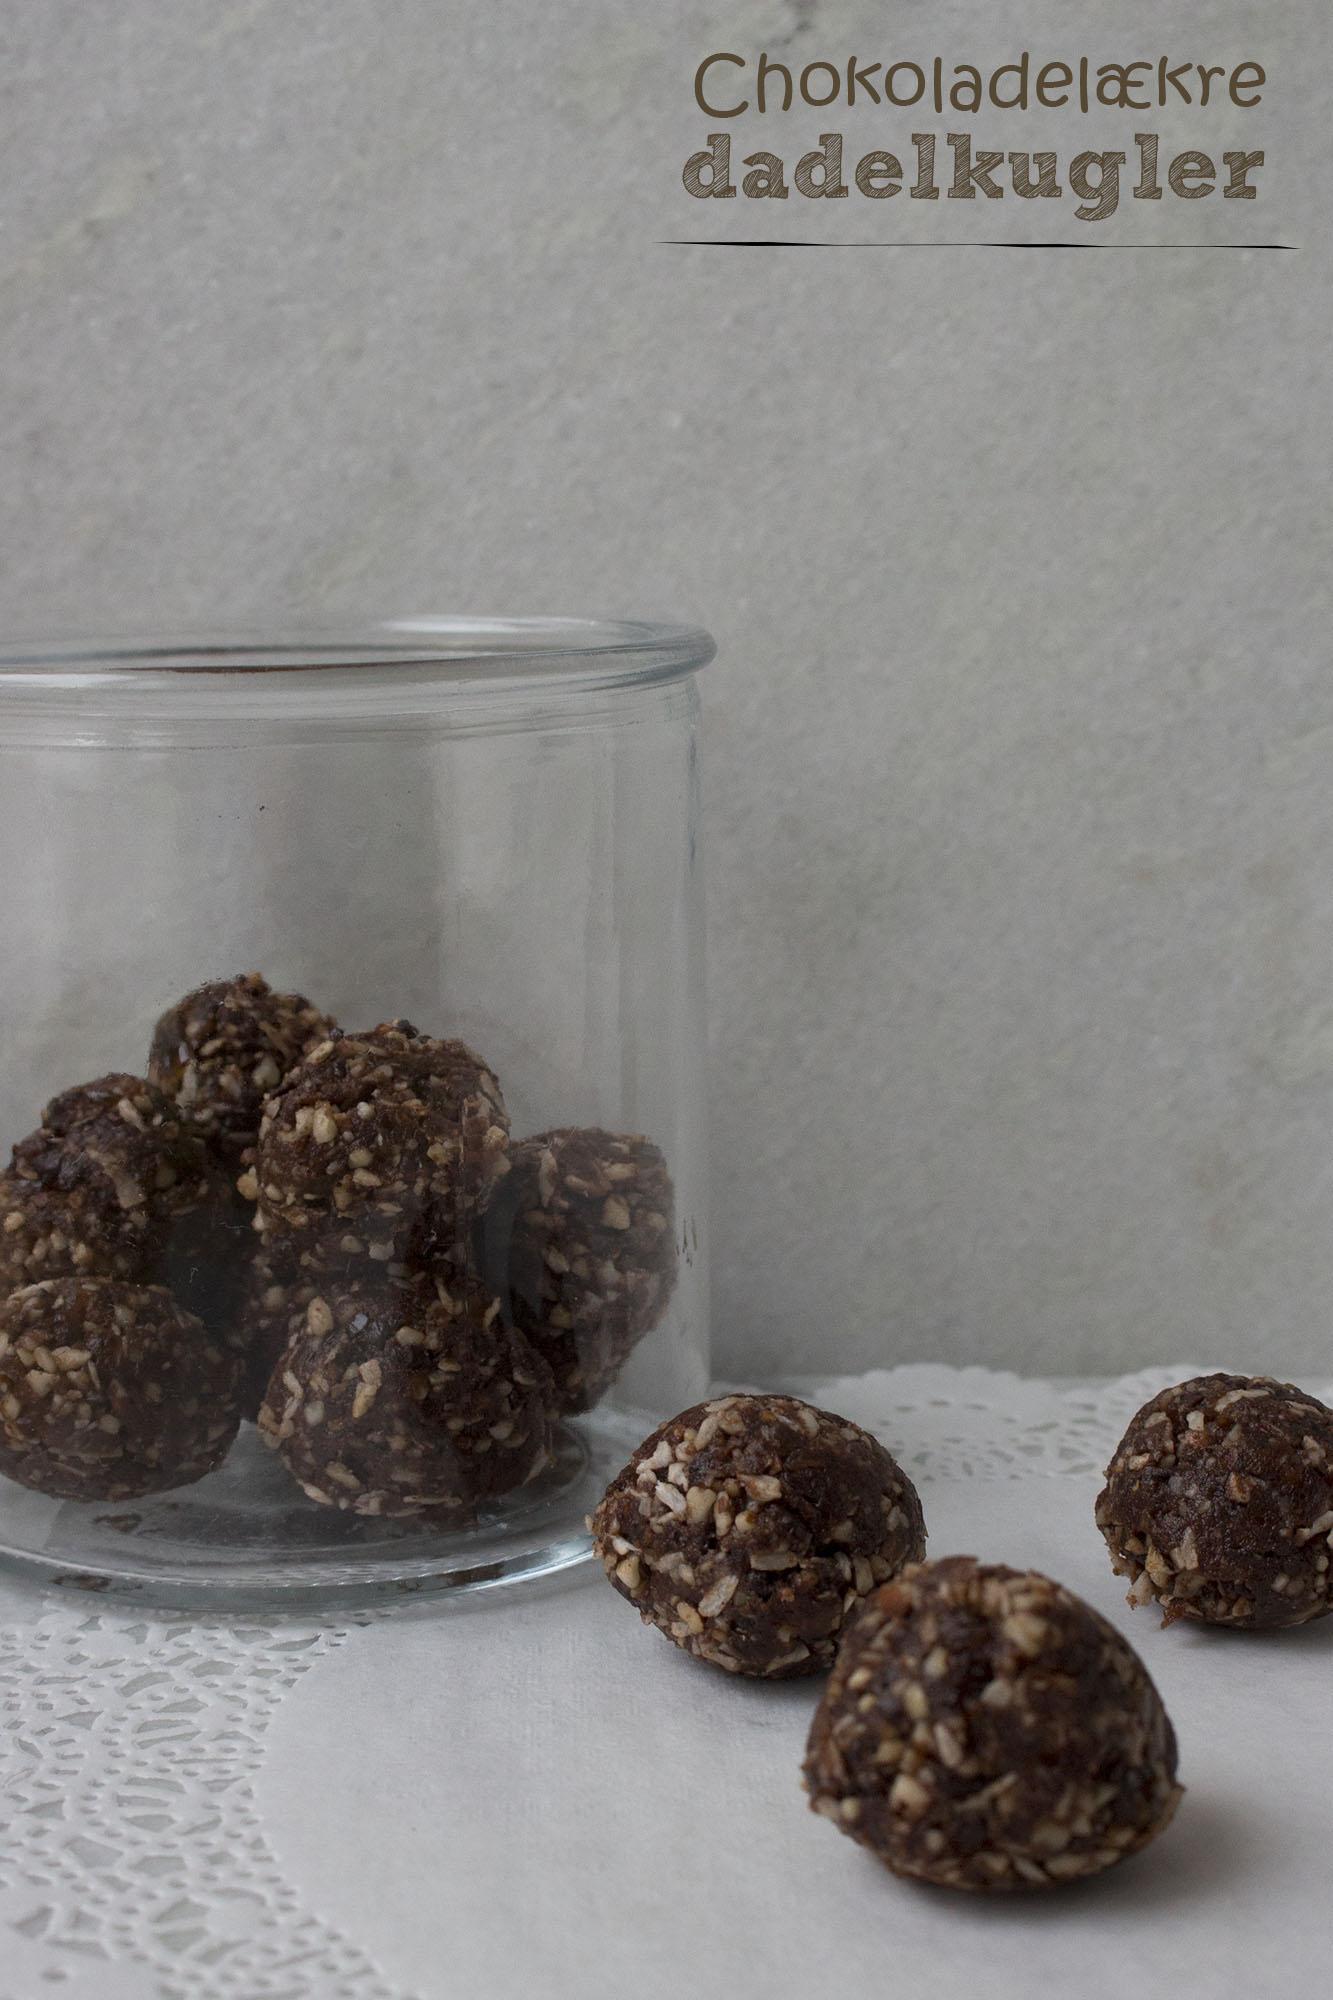 Chokoladelækre dadelkugler